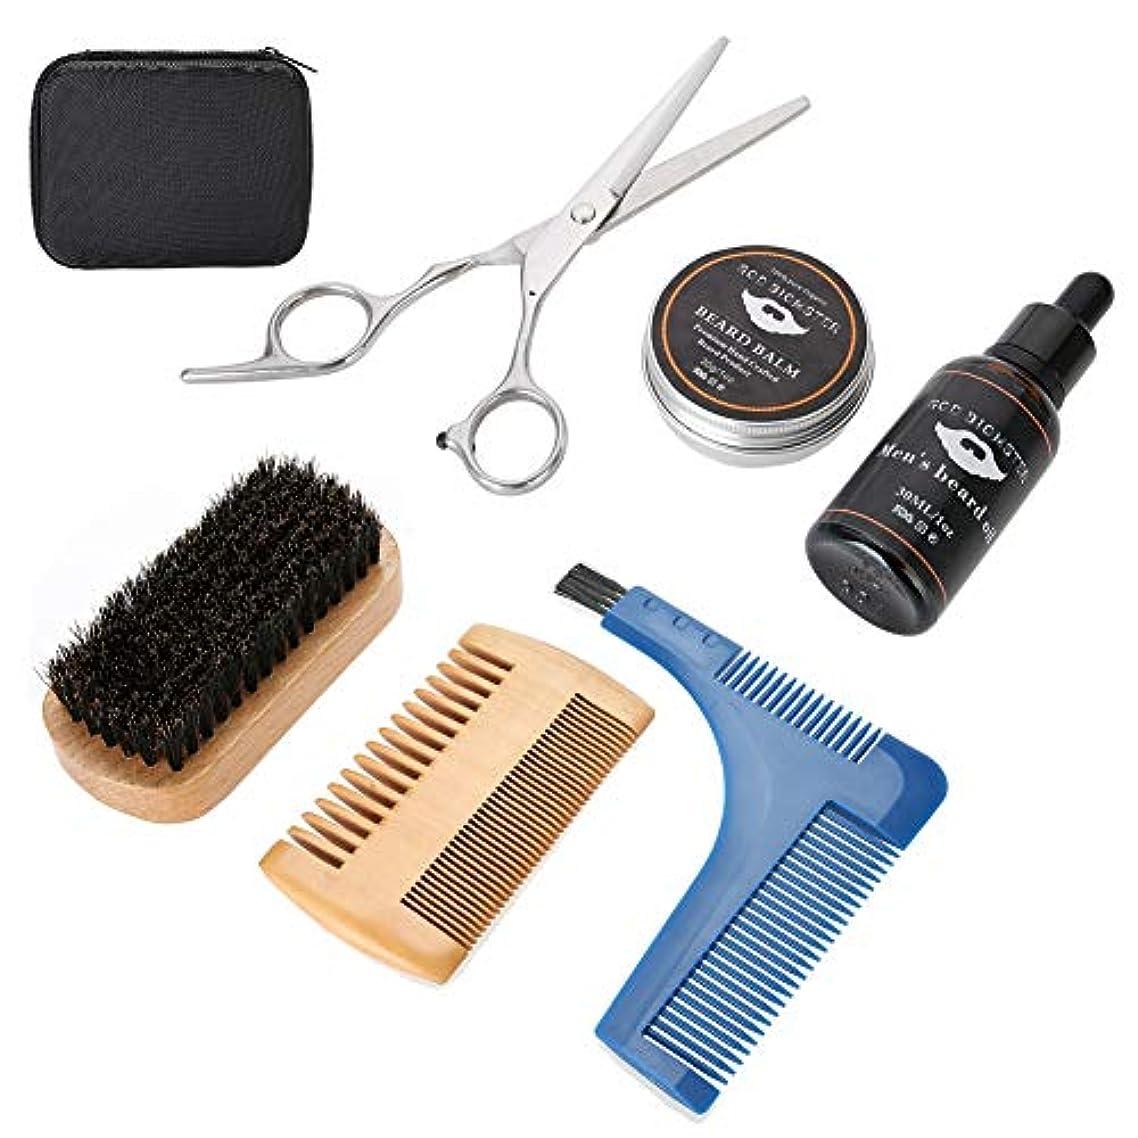 ヒステリックアルミニウムオリエンタル男性のひげセット、木材製+クリスタル素材ポータブルブラシひげシェービングクリーニングツール用男性ひげ剃り